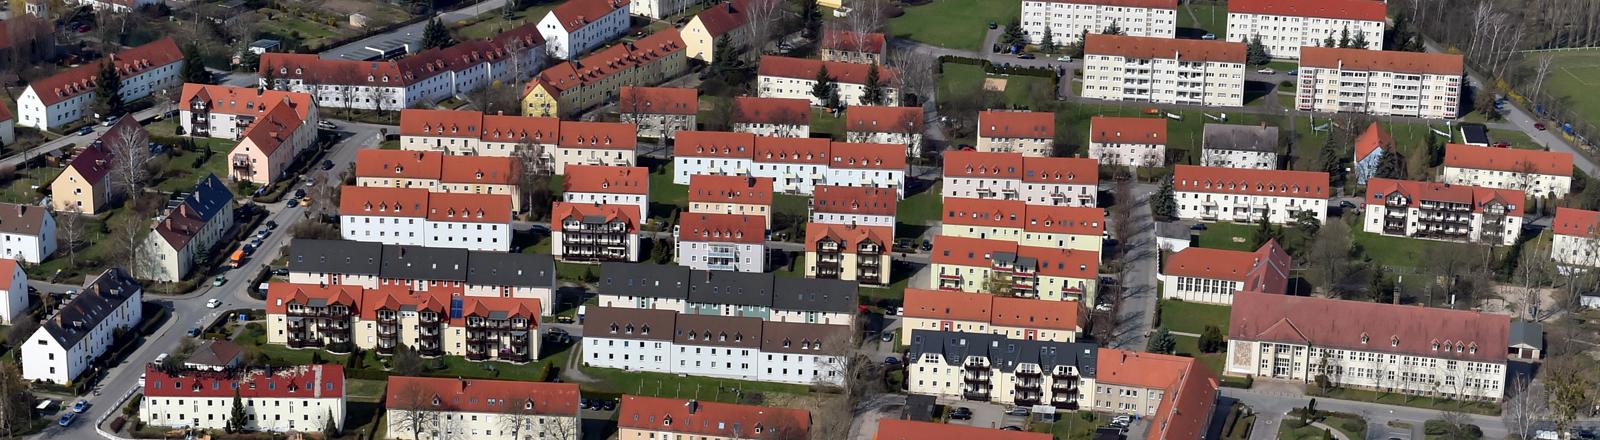 Luftaufnahme von Tröglitz